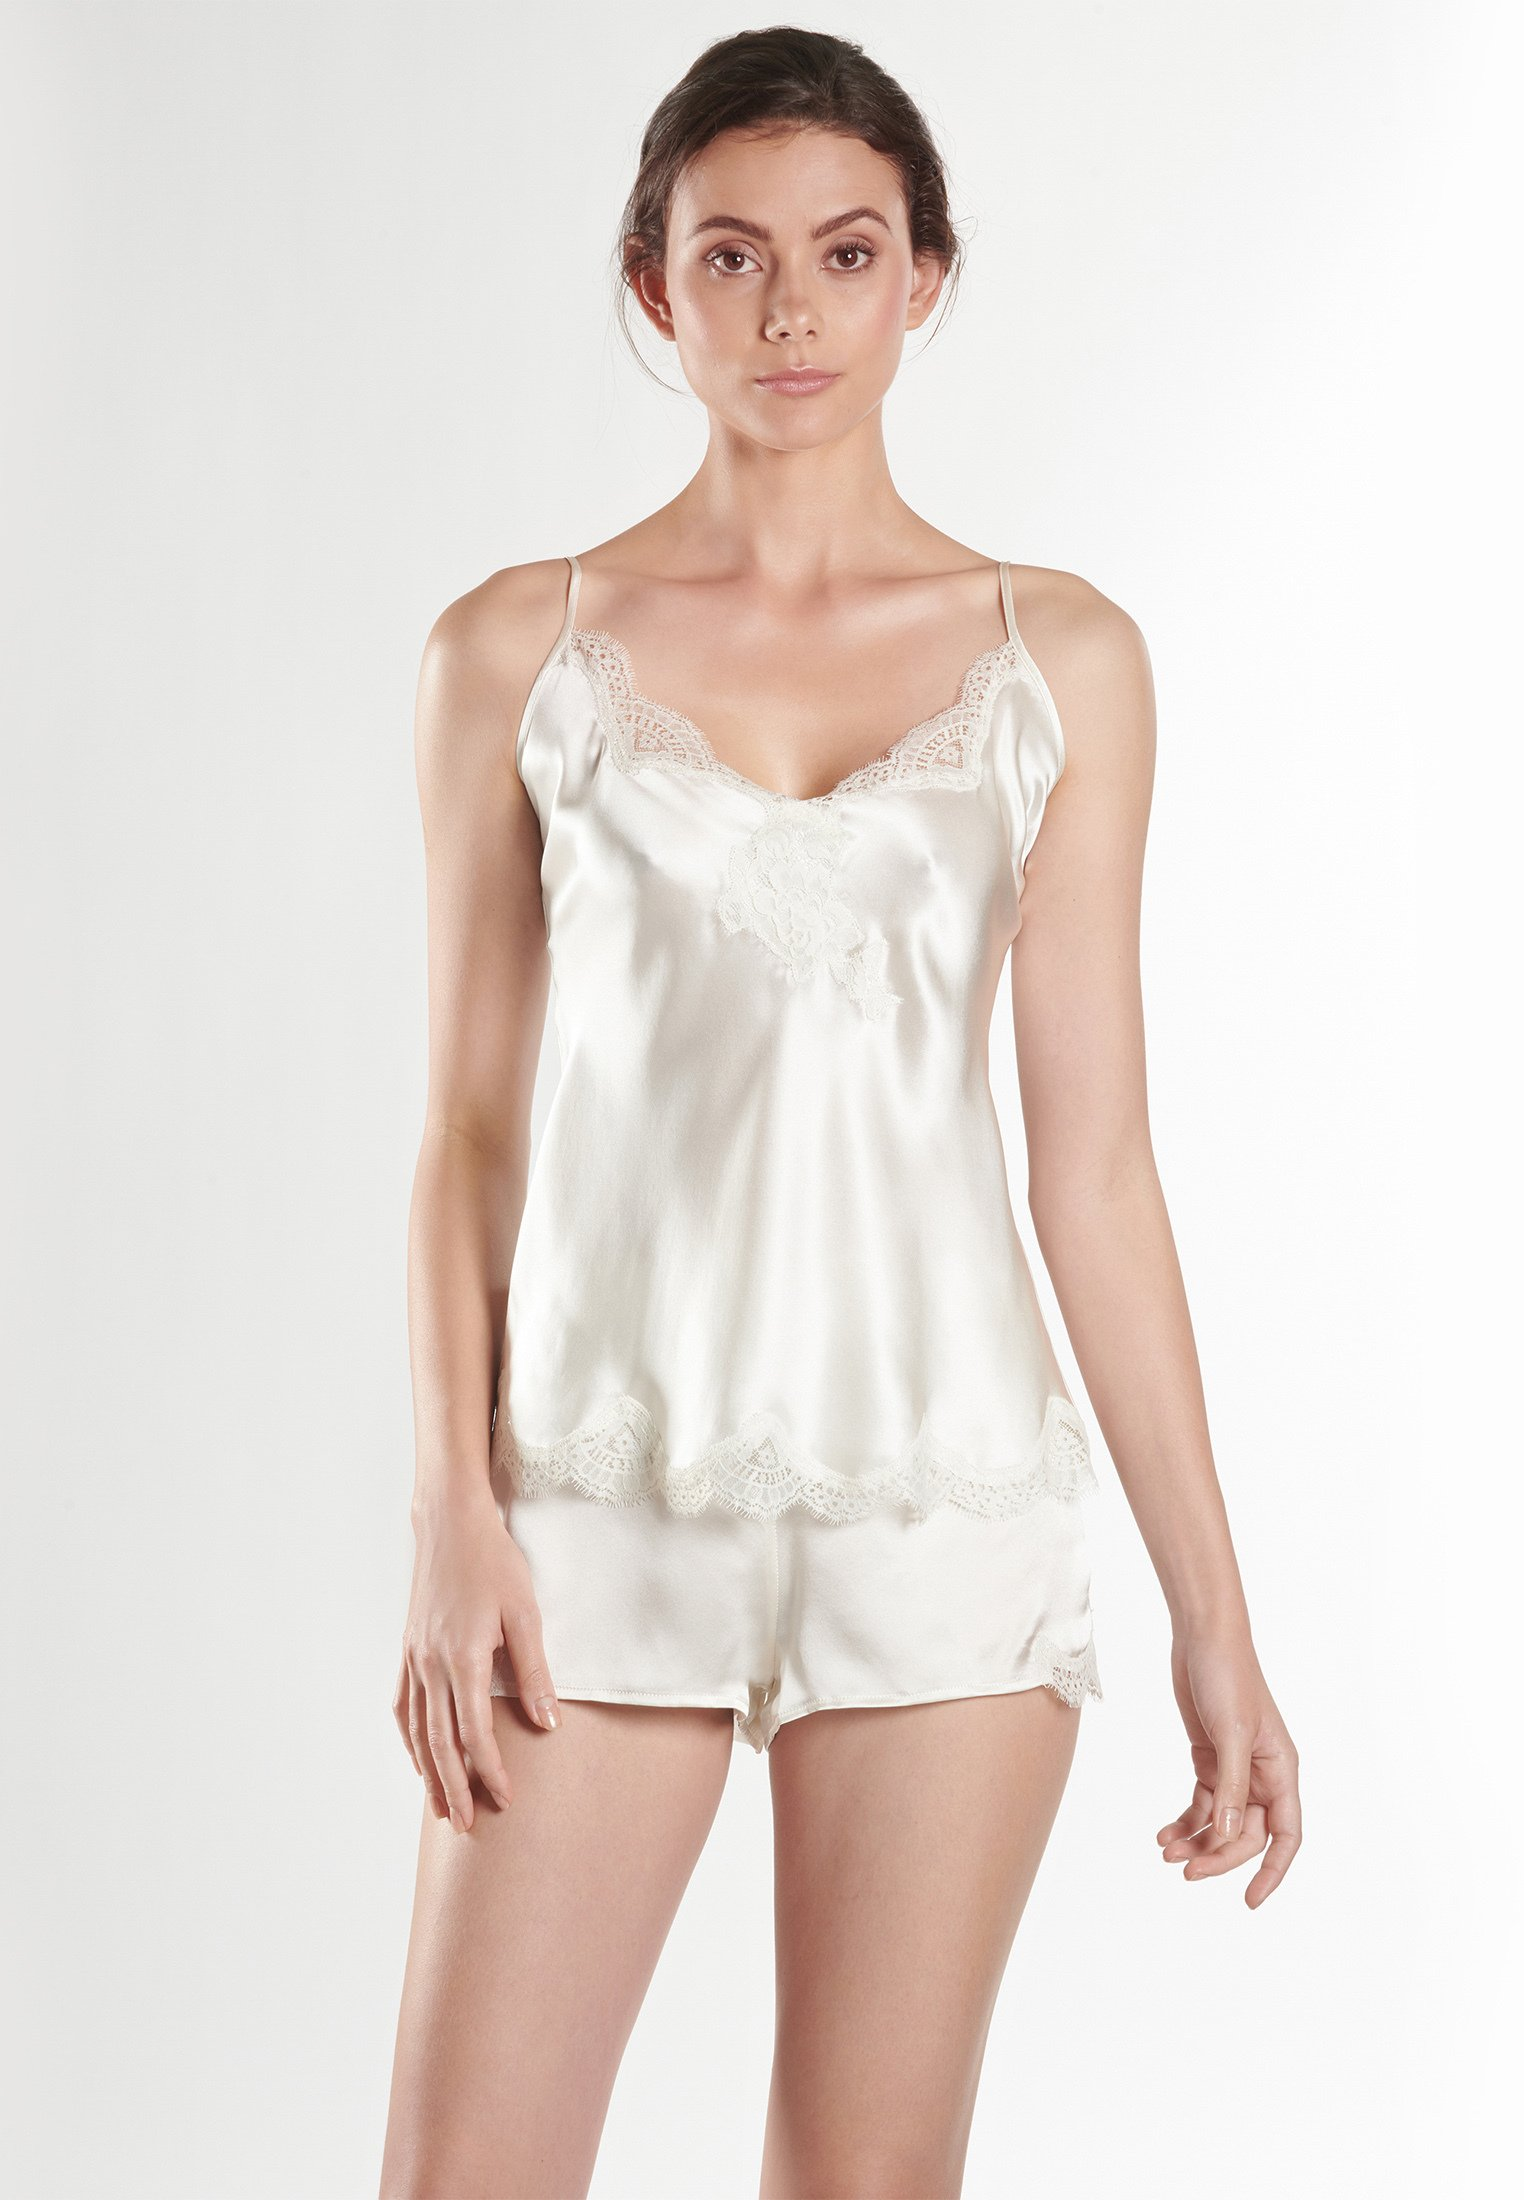 Damen TOI MON AMOUR - Nachtwäsche Shirt